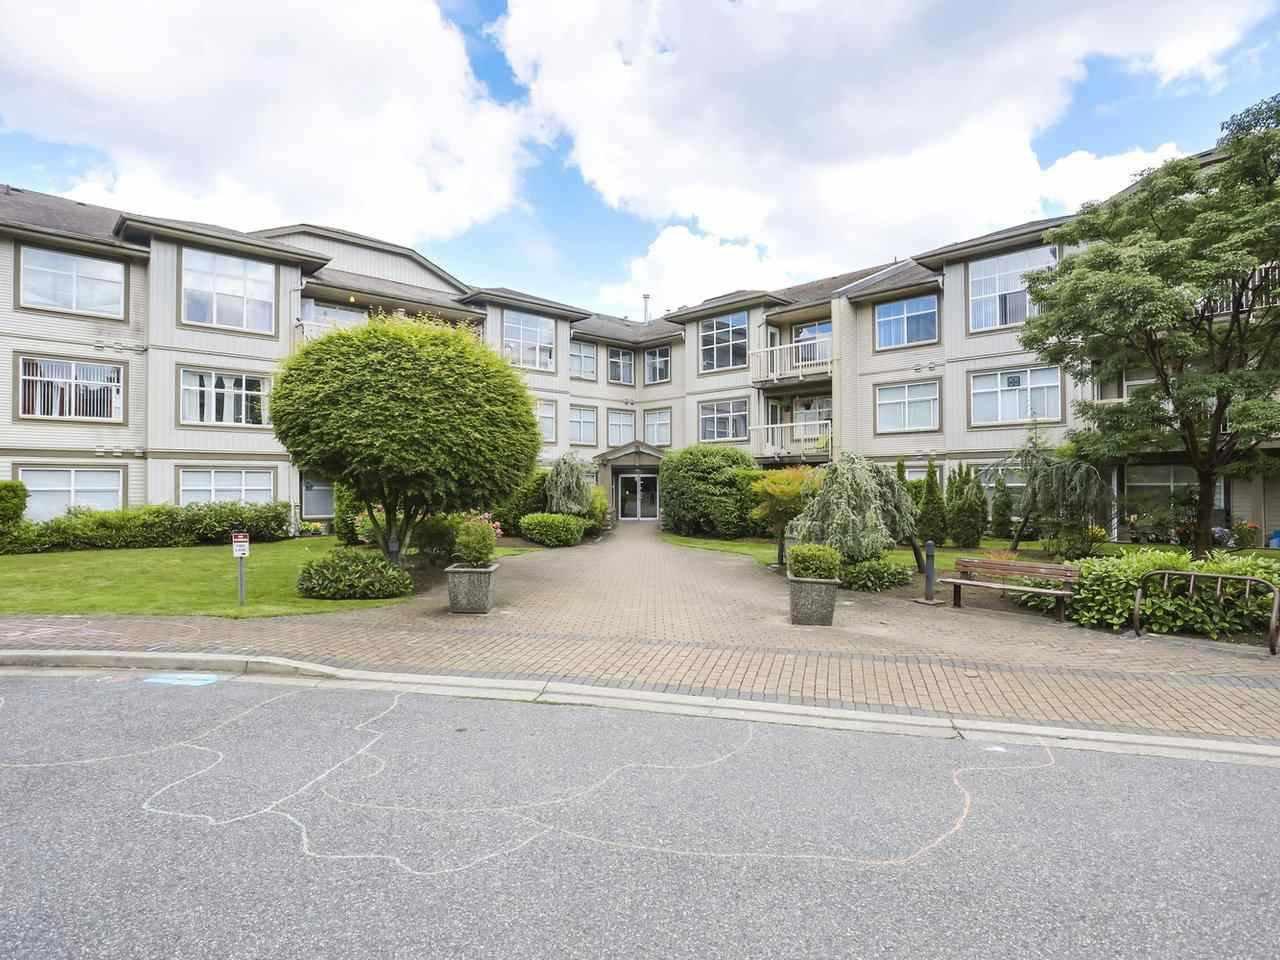 """Main Photo: 303 14885 105 Avenue in Surrey: Guildford Condo for sale in """"REVIVA"""" (North Surrey)  : MLS®# R2508247"""